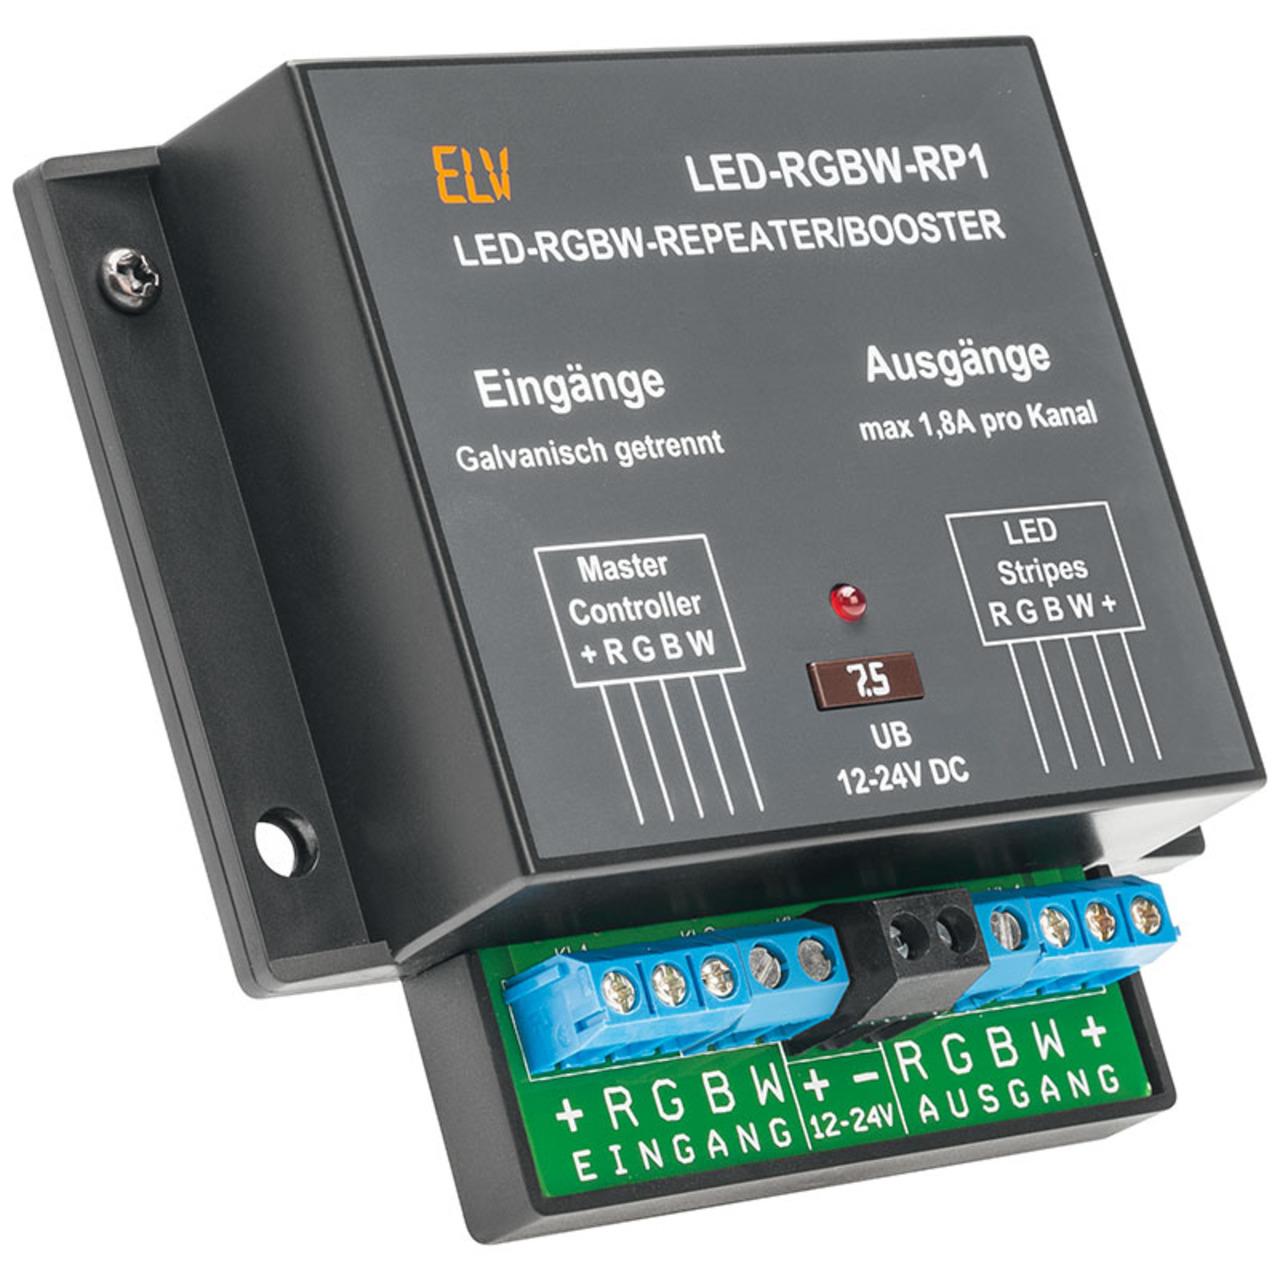 ELV Komplettbausatz LED-RGBW-Repeater-Booster